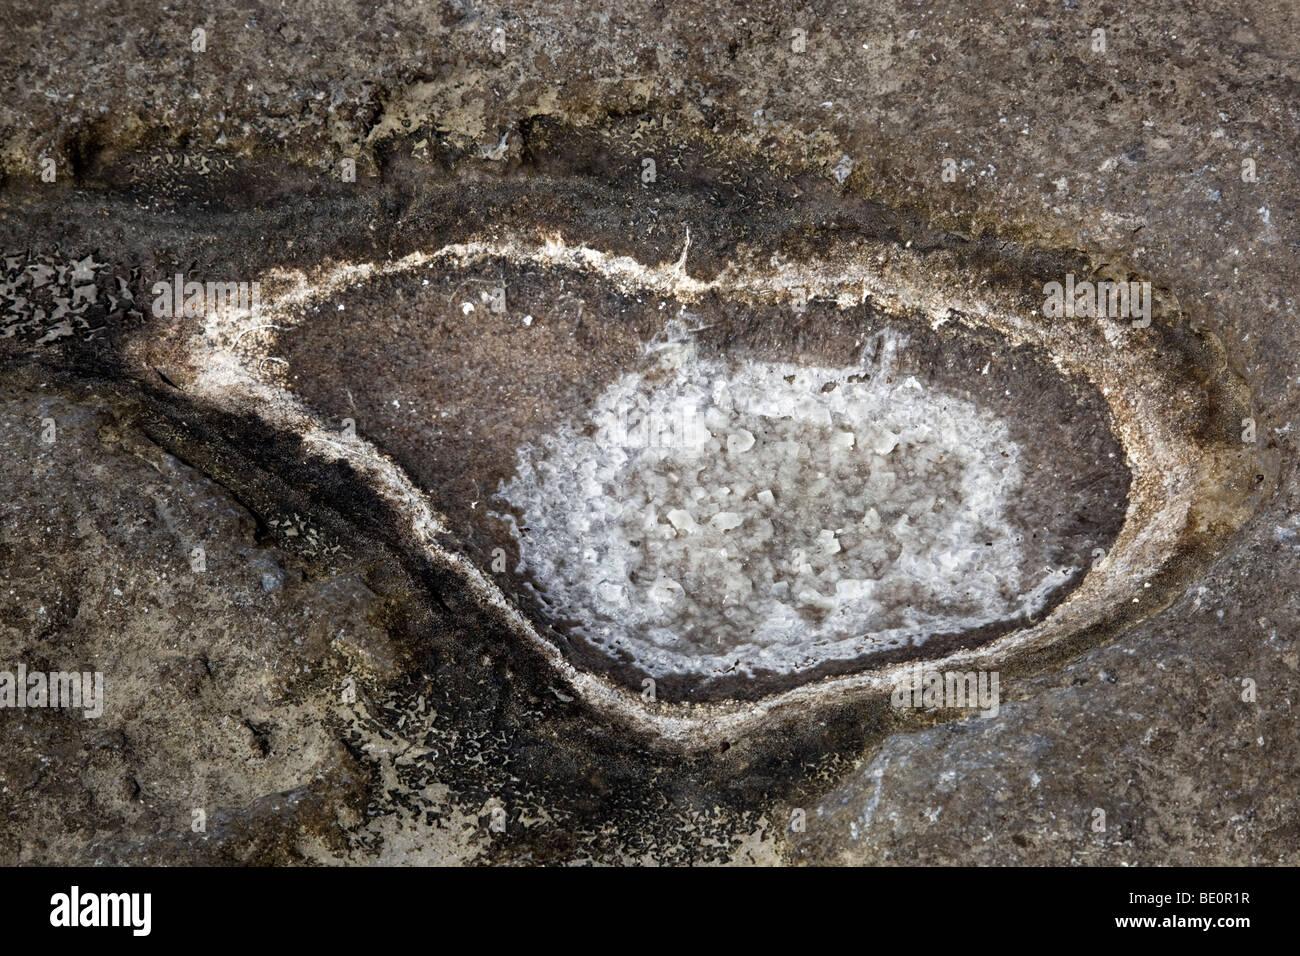 Les cristaux de sel de mer, séché dans un pool de rock Photo Stock